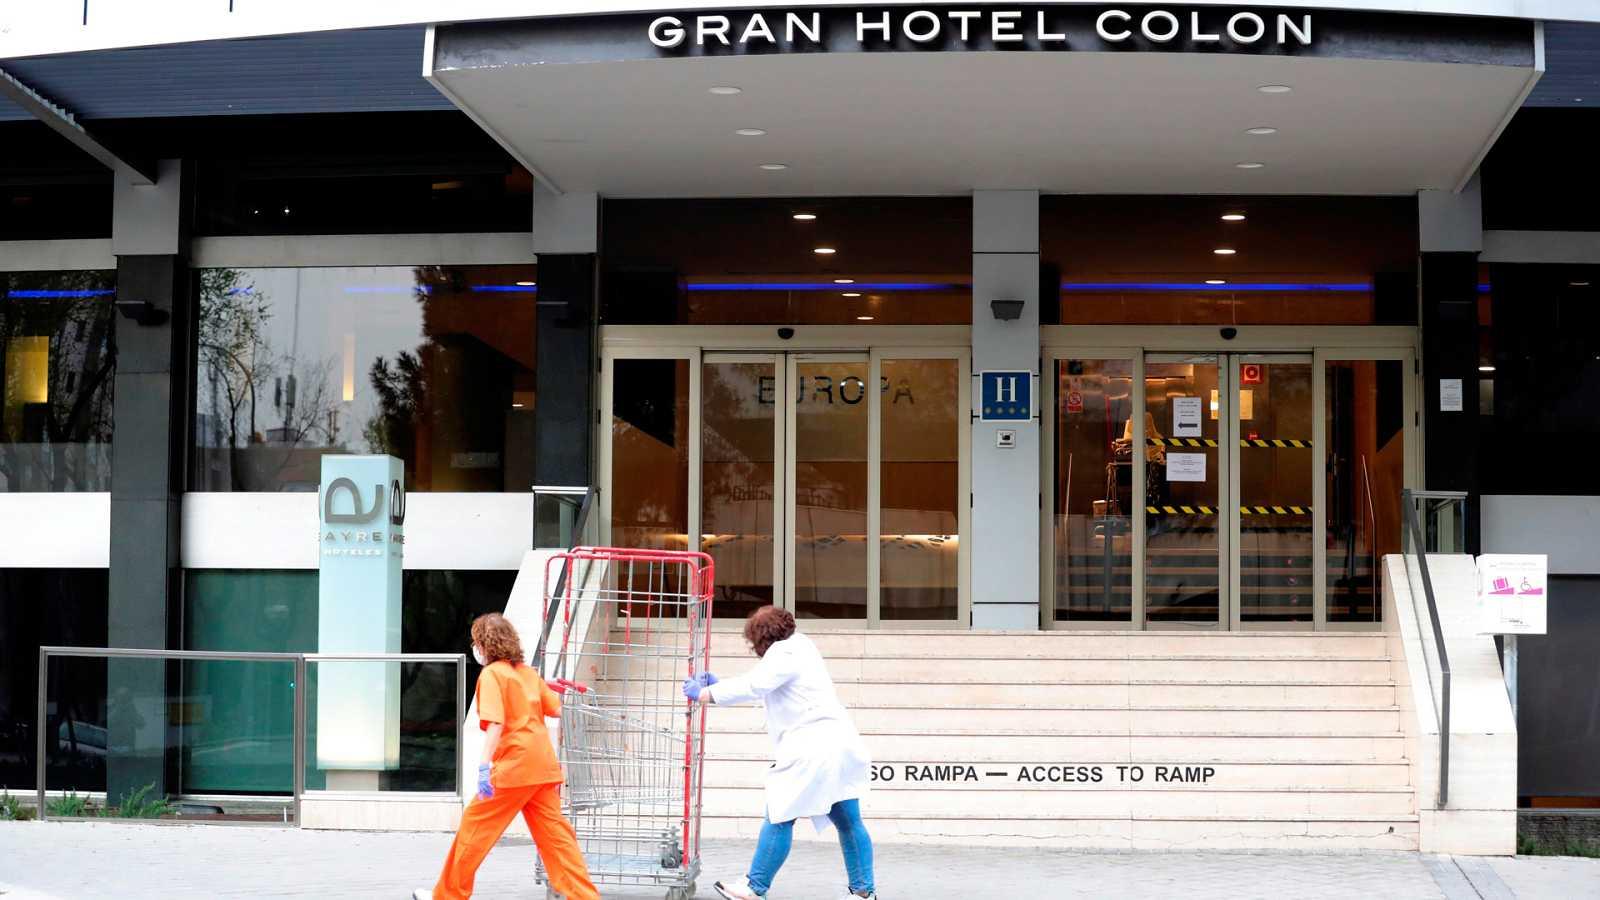 Dos empleadas con máscaras sanitarias pasan frente al hotel Gran Hotel Colon de la cadena Ayre